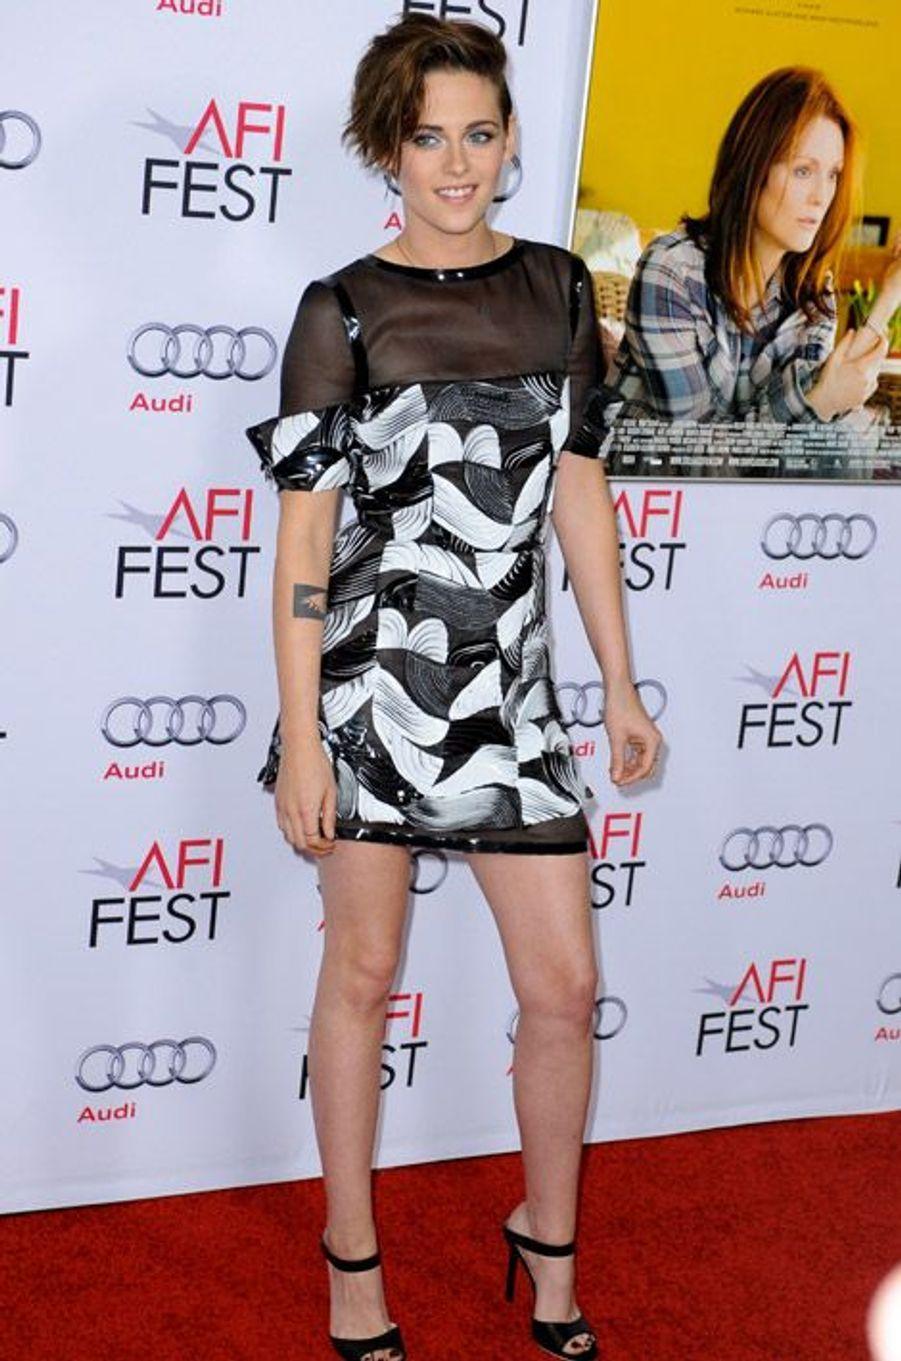 """L'actrice Kristen Stewart lors de la projection du film """"Still Alice"""" à Los Angeles, le 12 novembre 2014"""